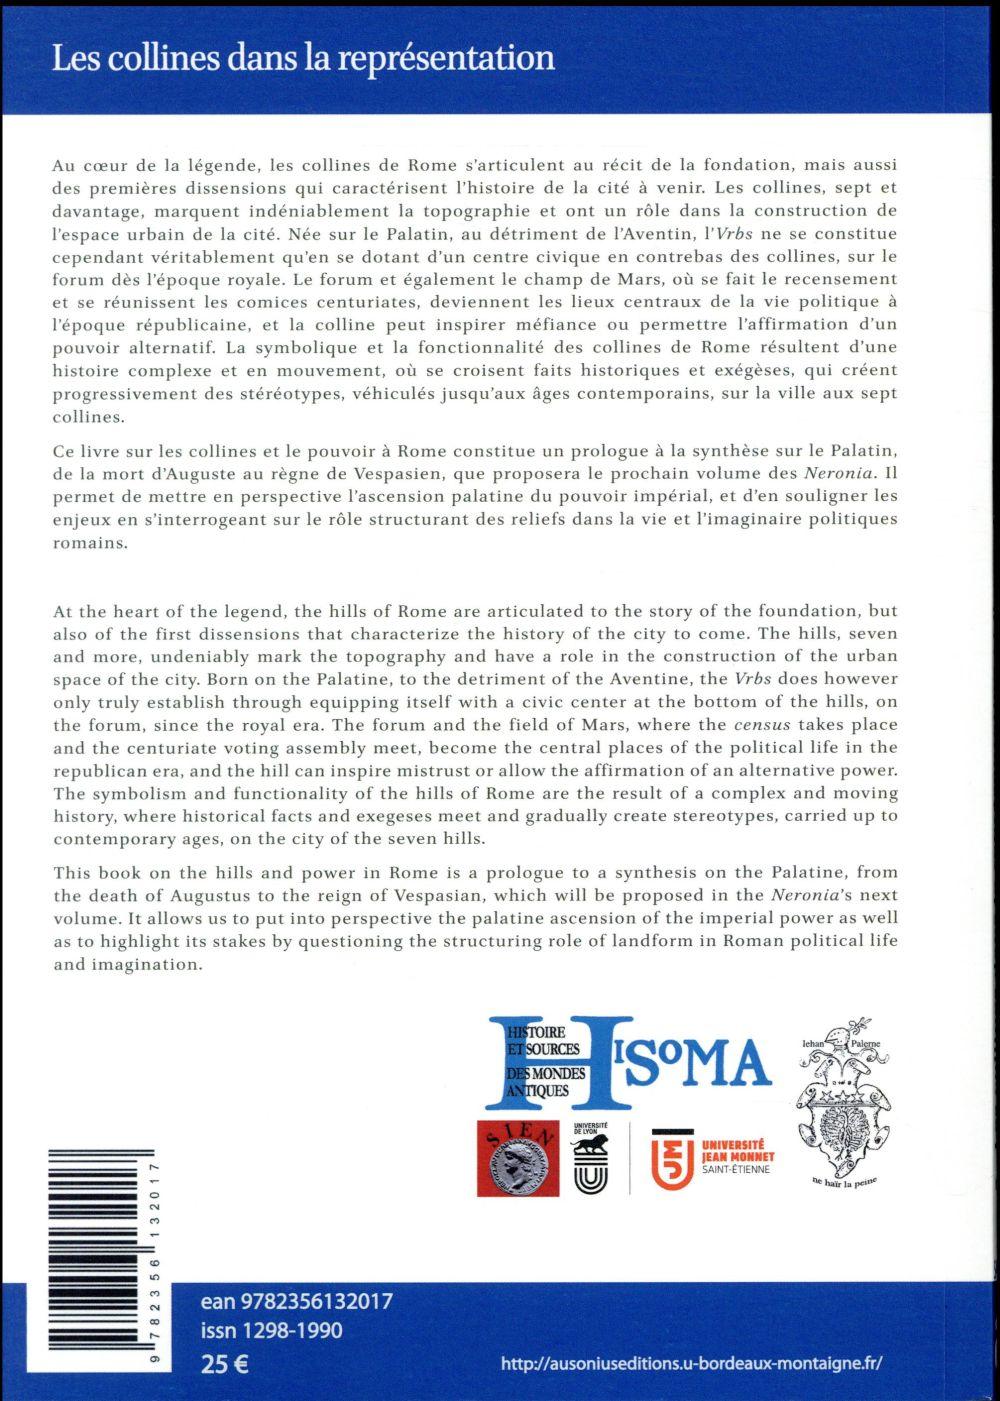 Les collines dans la representation et l'organisation du pouvoir a rome